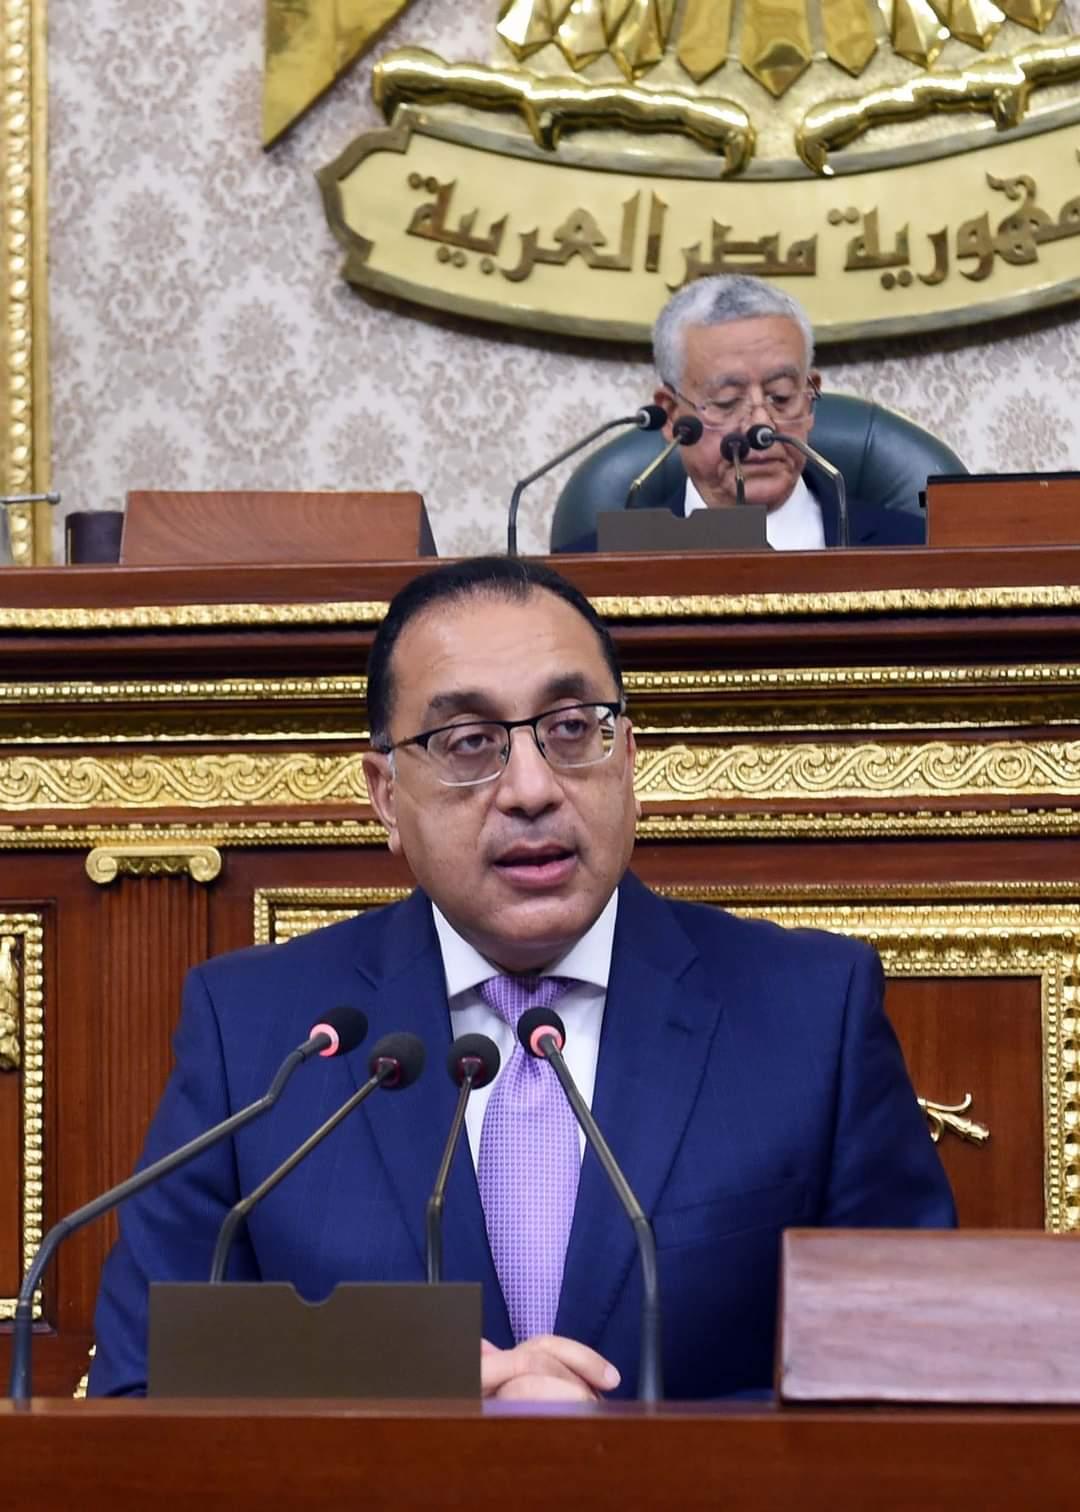 5 أيام متتالية إجازة.. قرارات رئيس الوزراء اليوم بشأن إجازة عيد العمال وشم النسيم وتحرير سيناء 4